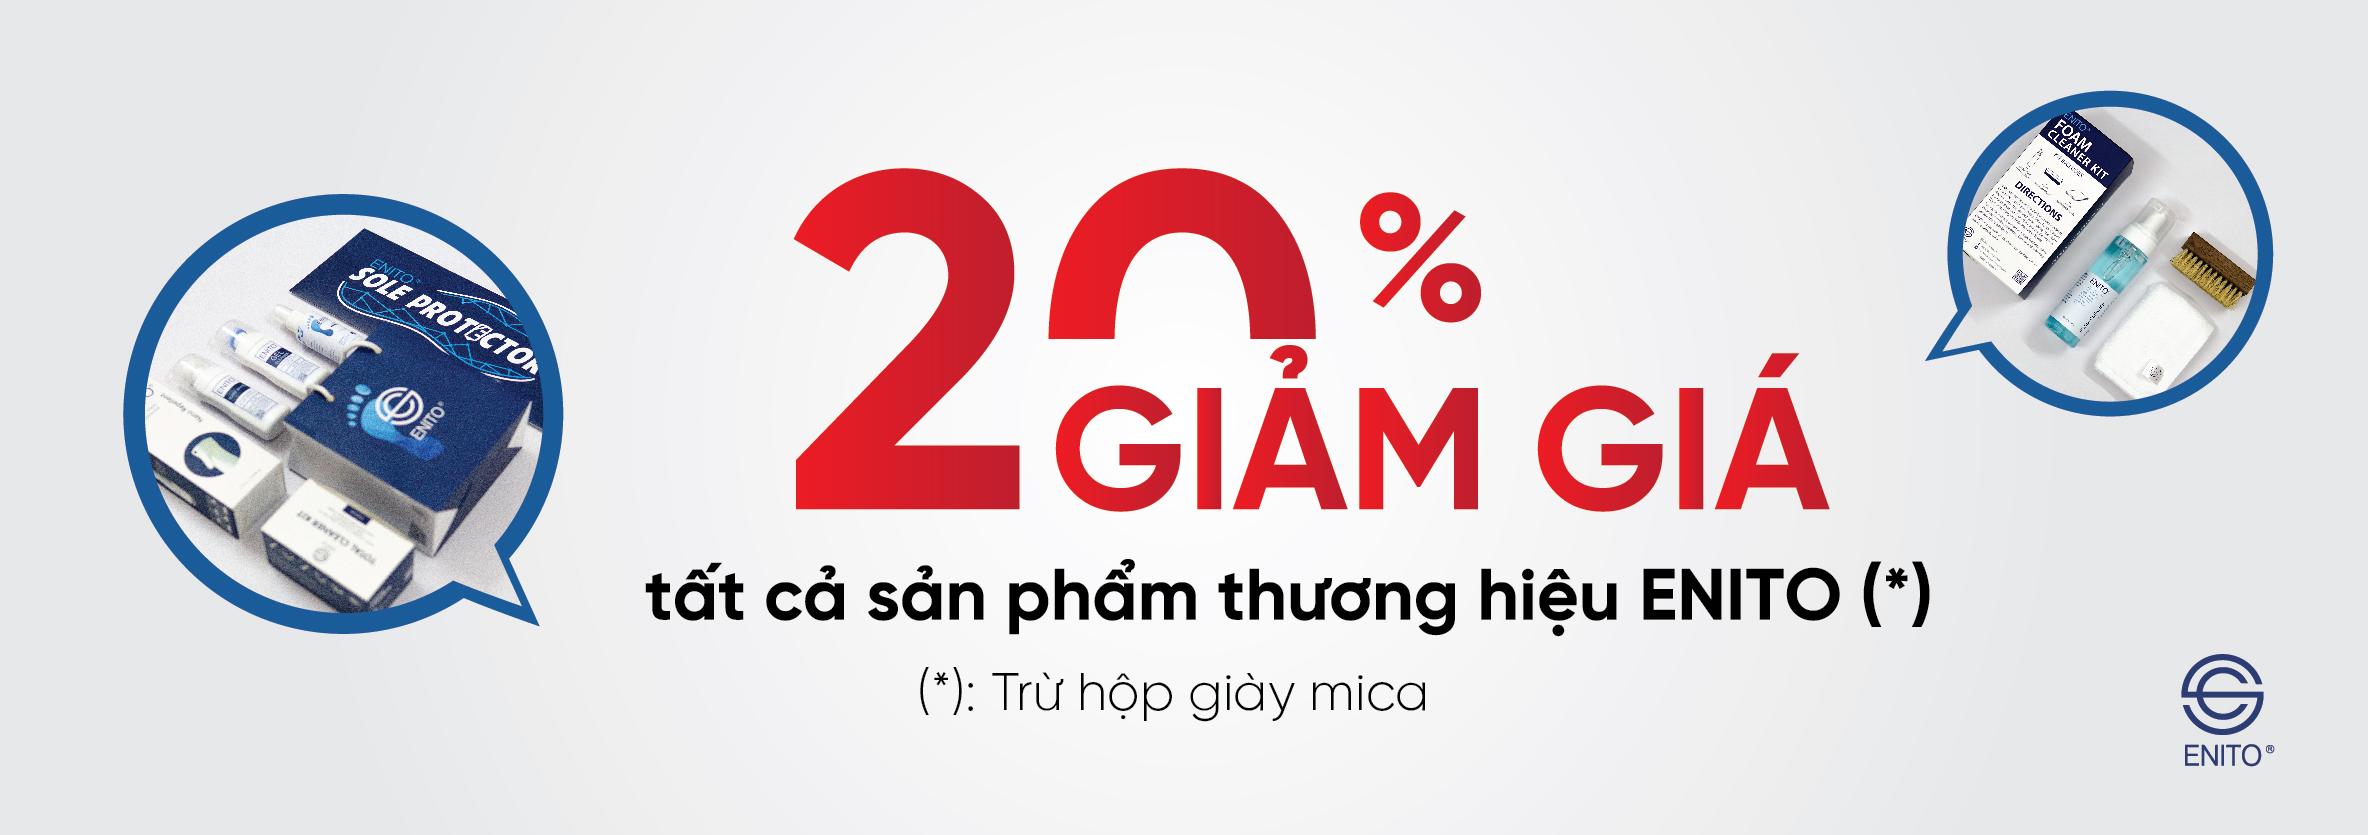 Giảm giá 20% tất cả sản phẩm làm sạch giày